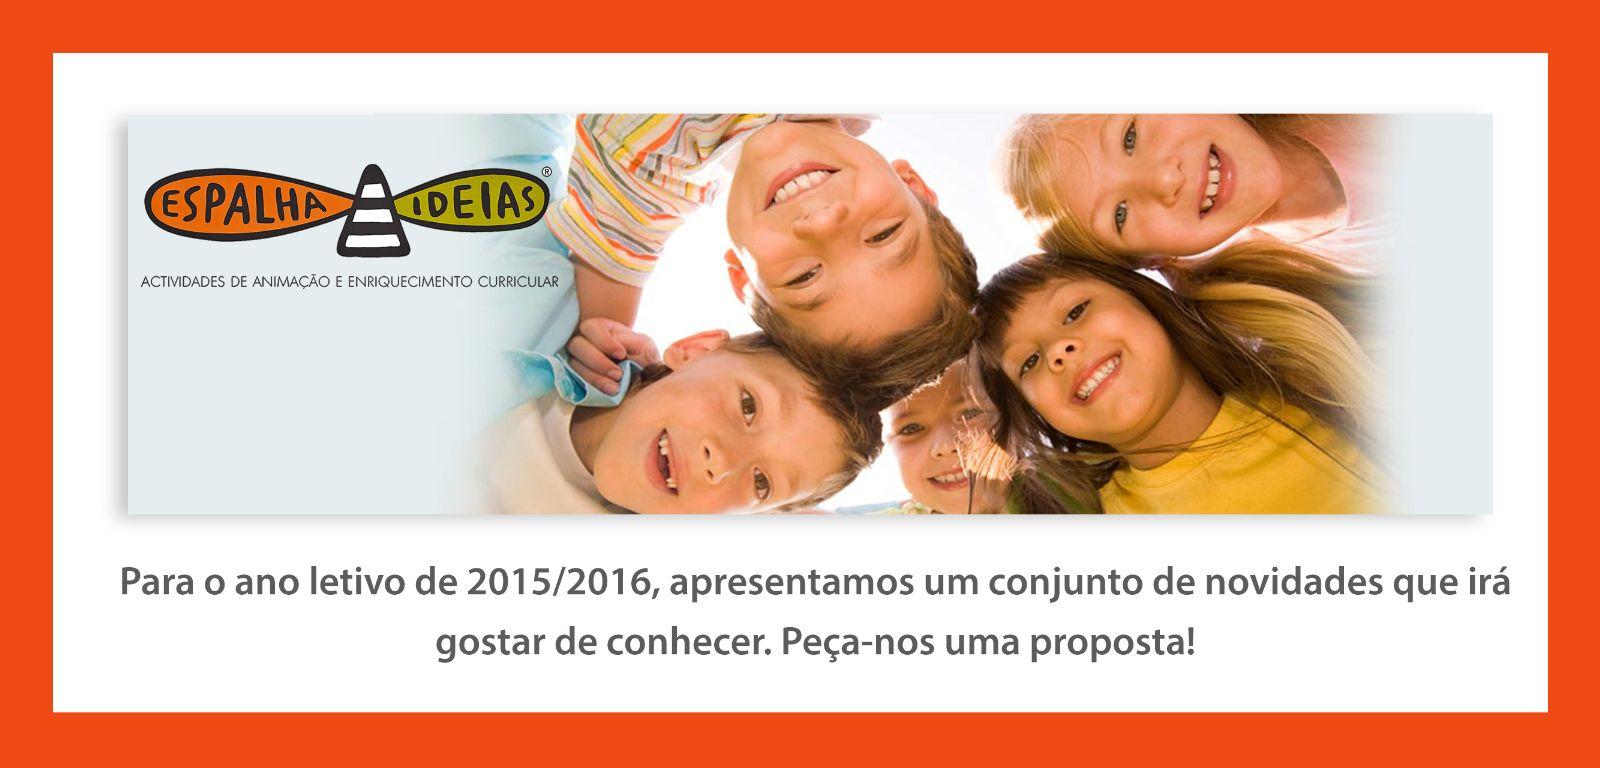 Pe�a-nos uma proposta para 2015/2016